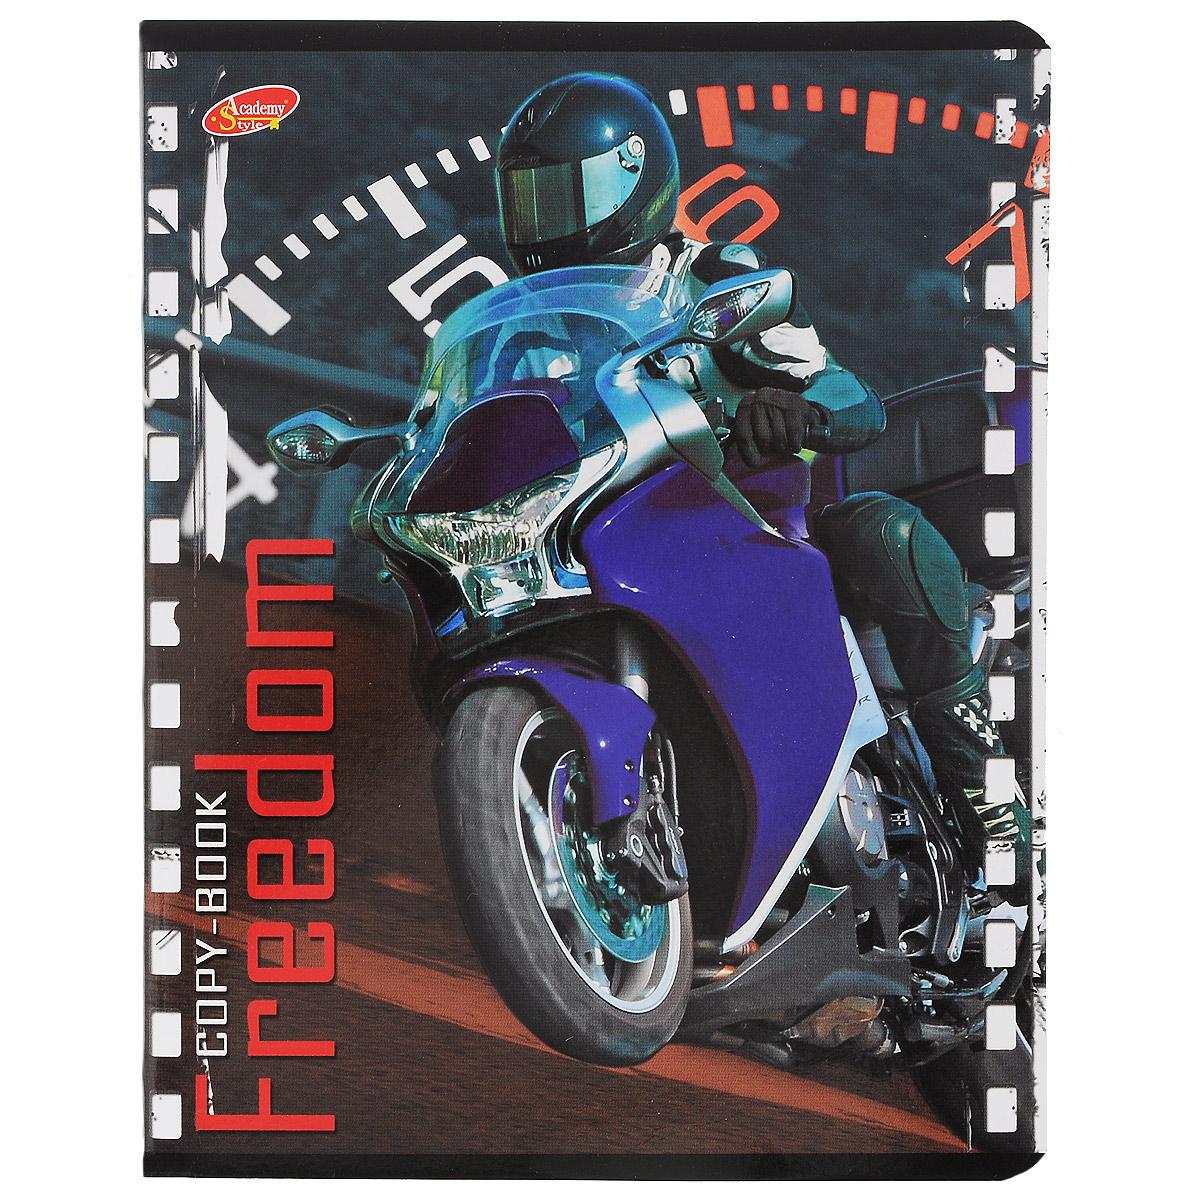 Тетрадь Freedom Мотоцикл, 80 листов, формат А5, цвет: фиолетовый35452_4Тетрадь в клетку Freedom Мотоцикл с красочным изображением мотоцикла на обложке подойдет как студенту, так и школьнику. Обложка тетради с закругленными углами выполнена из картона. Внутренний блок состоит из 80 листов белой бумаги. Стандартная линовка в клетку дополнена полями, совпадающими с лицевой и оборотной стороны листа.